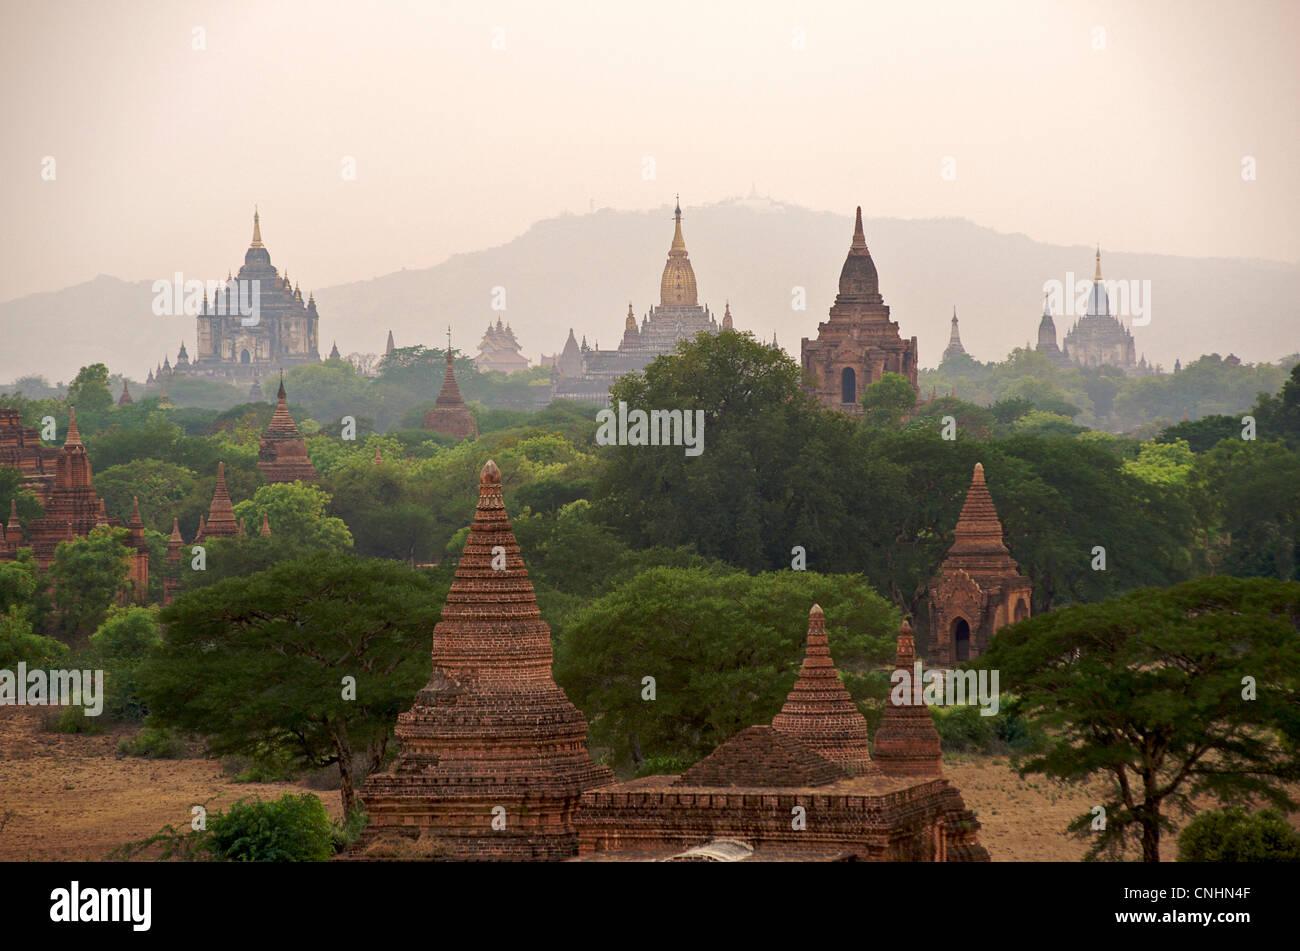 Ver a través de la llanura de Bagan con la aguja dorada de la pagoda Ananda Center. Birmania. Stupas antiguas Imagen De Stock